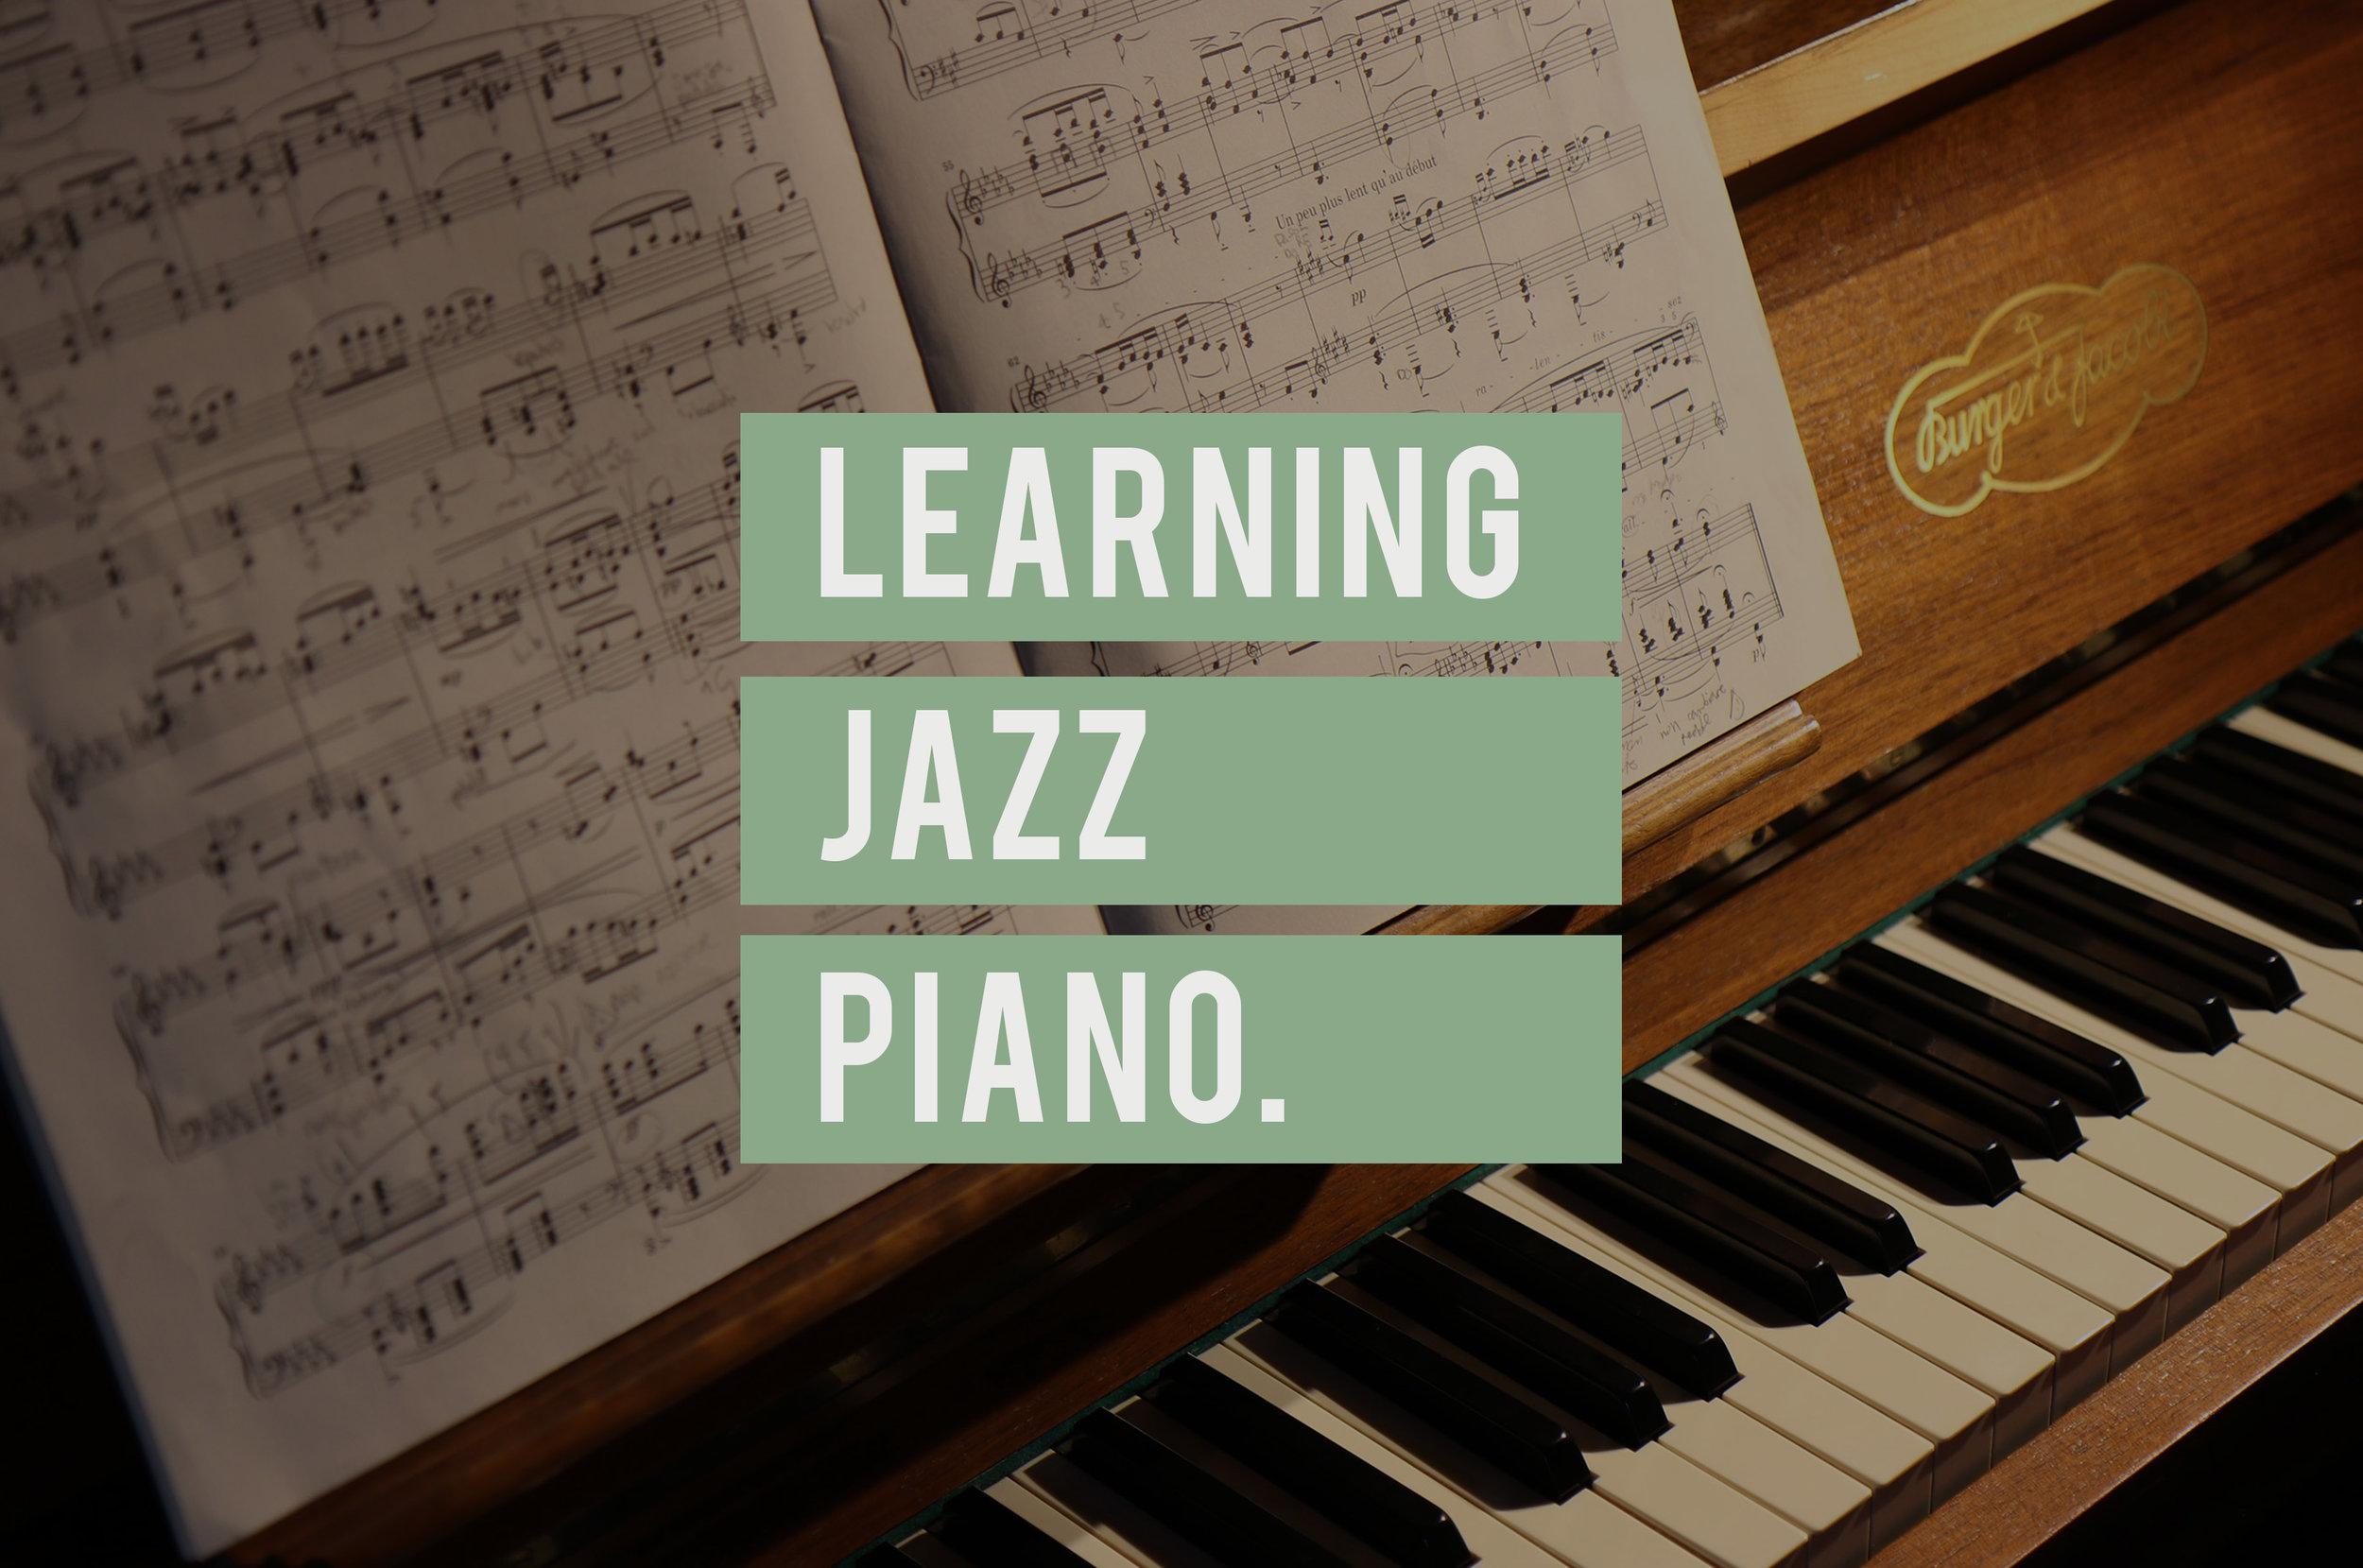 Learning Jazz Piano.jpg